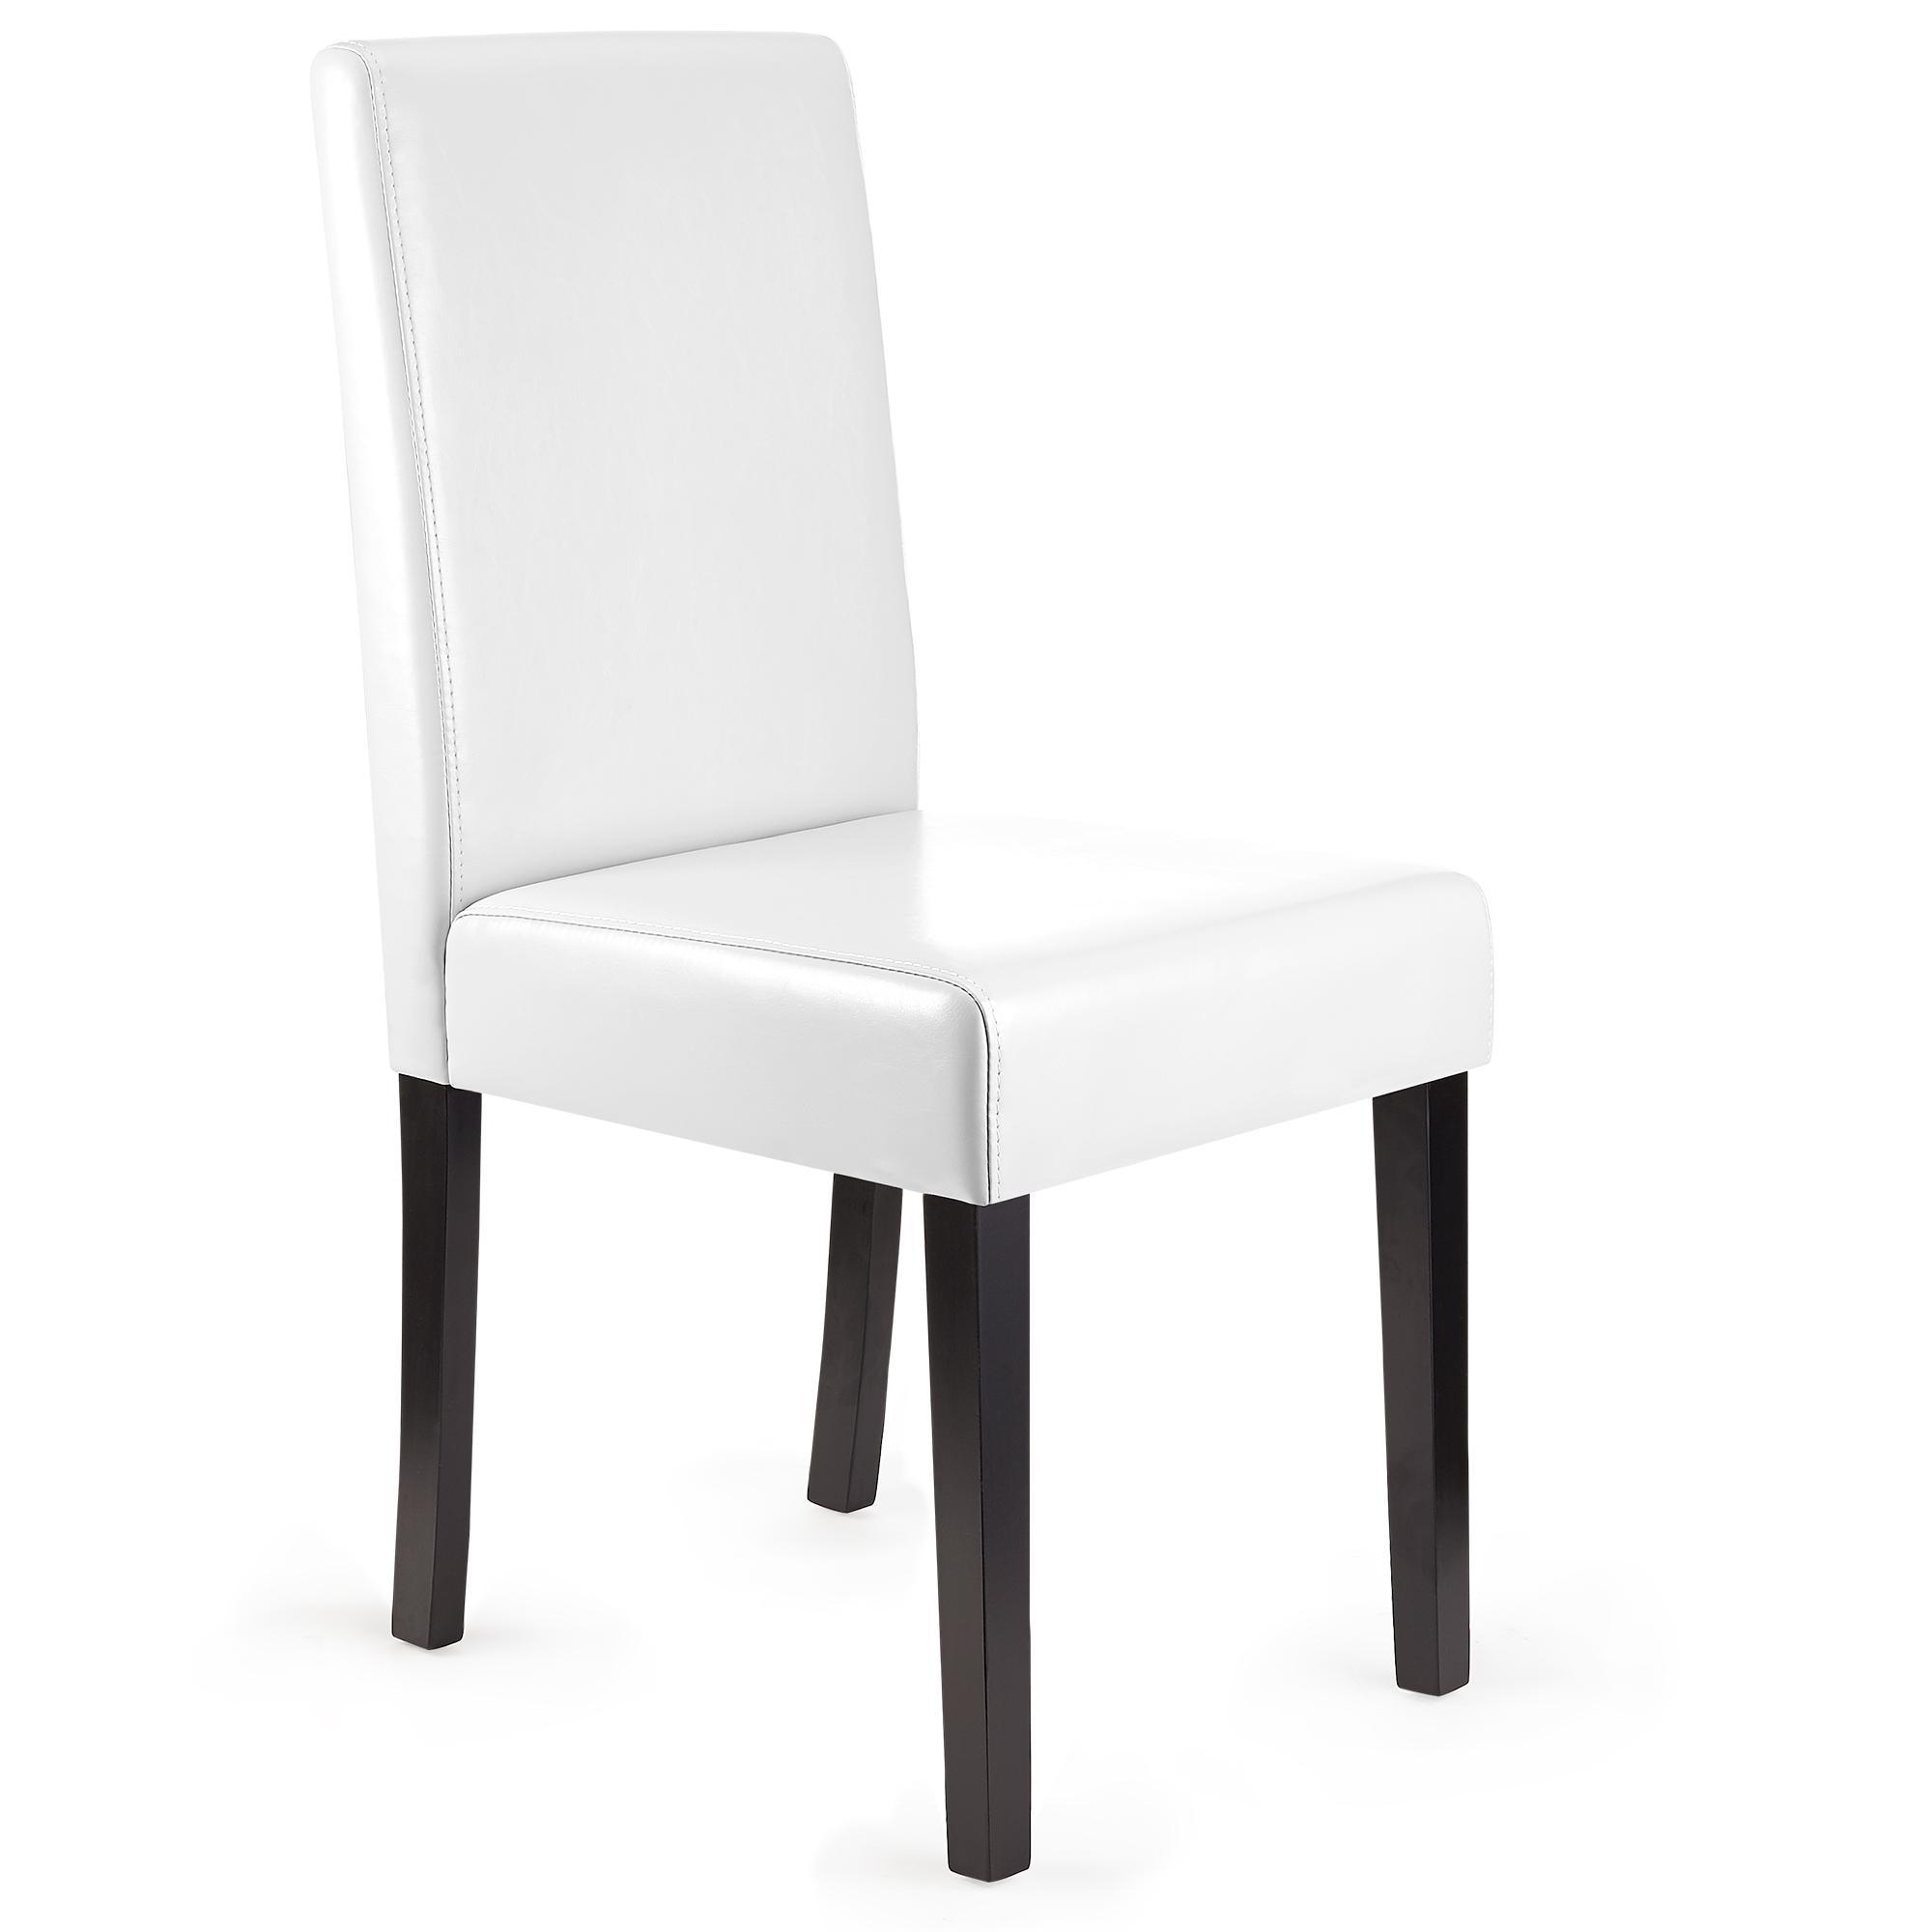 lote sillas de comedor litau precioso diseo piel real blanca y patas oscuras